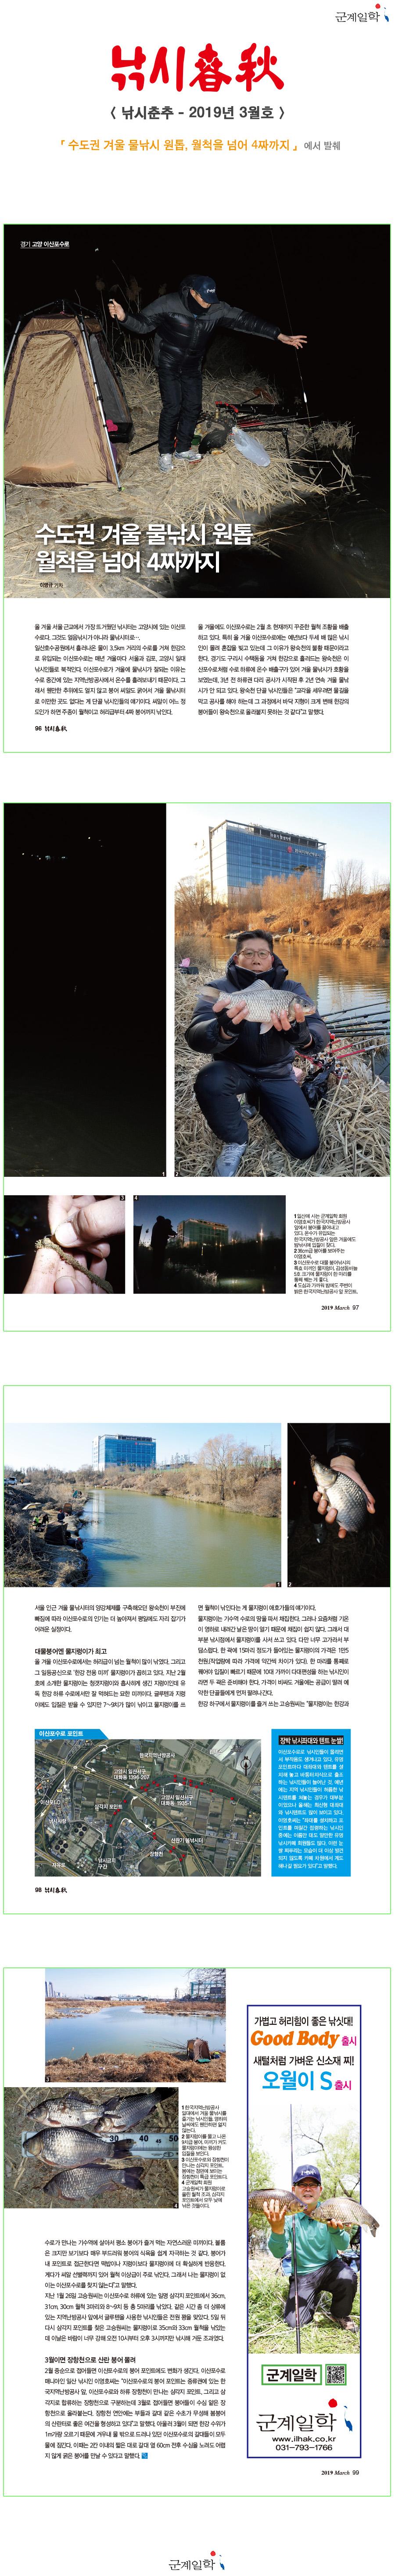 낚시춘추 2019년 3월호 - 이산포 수로.jpg